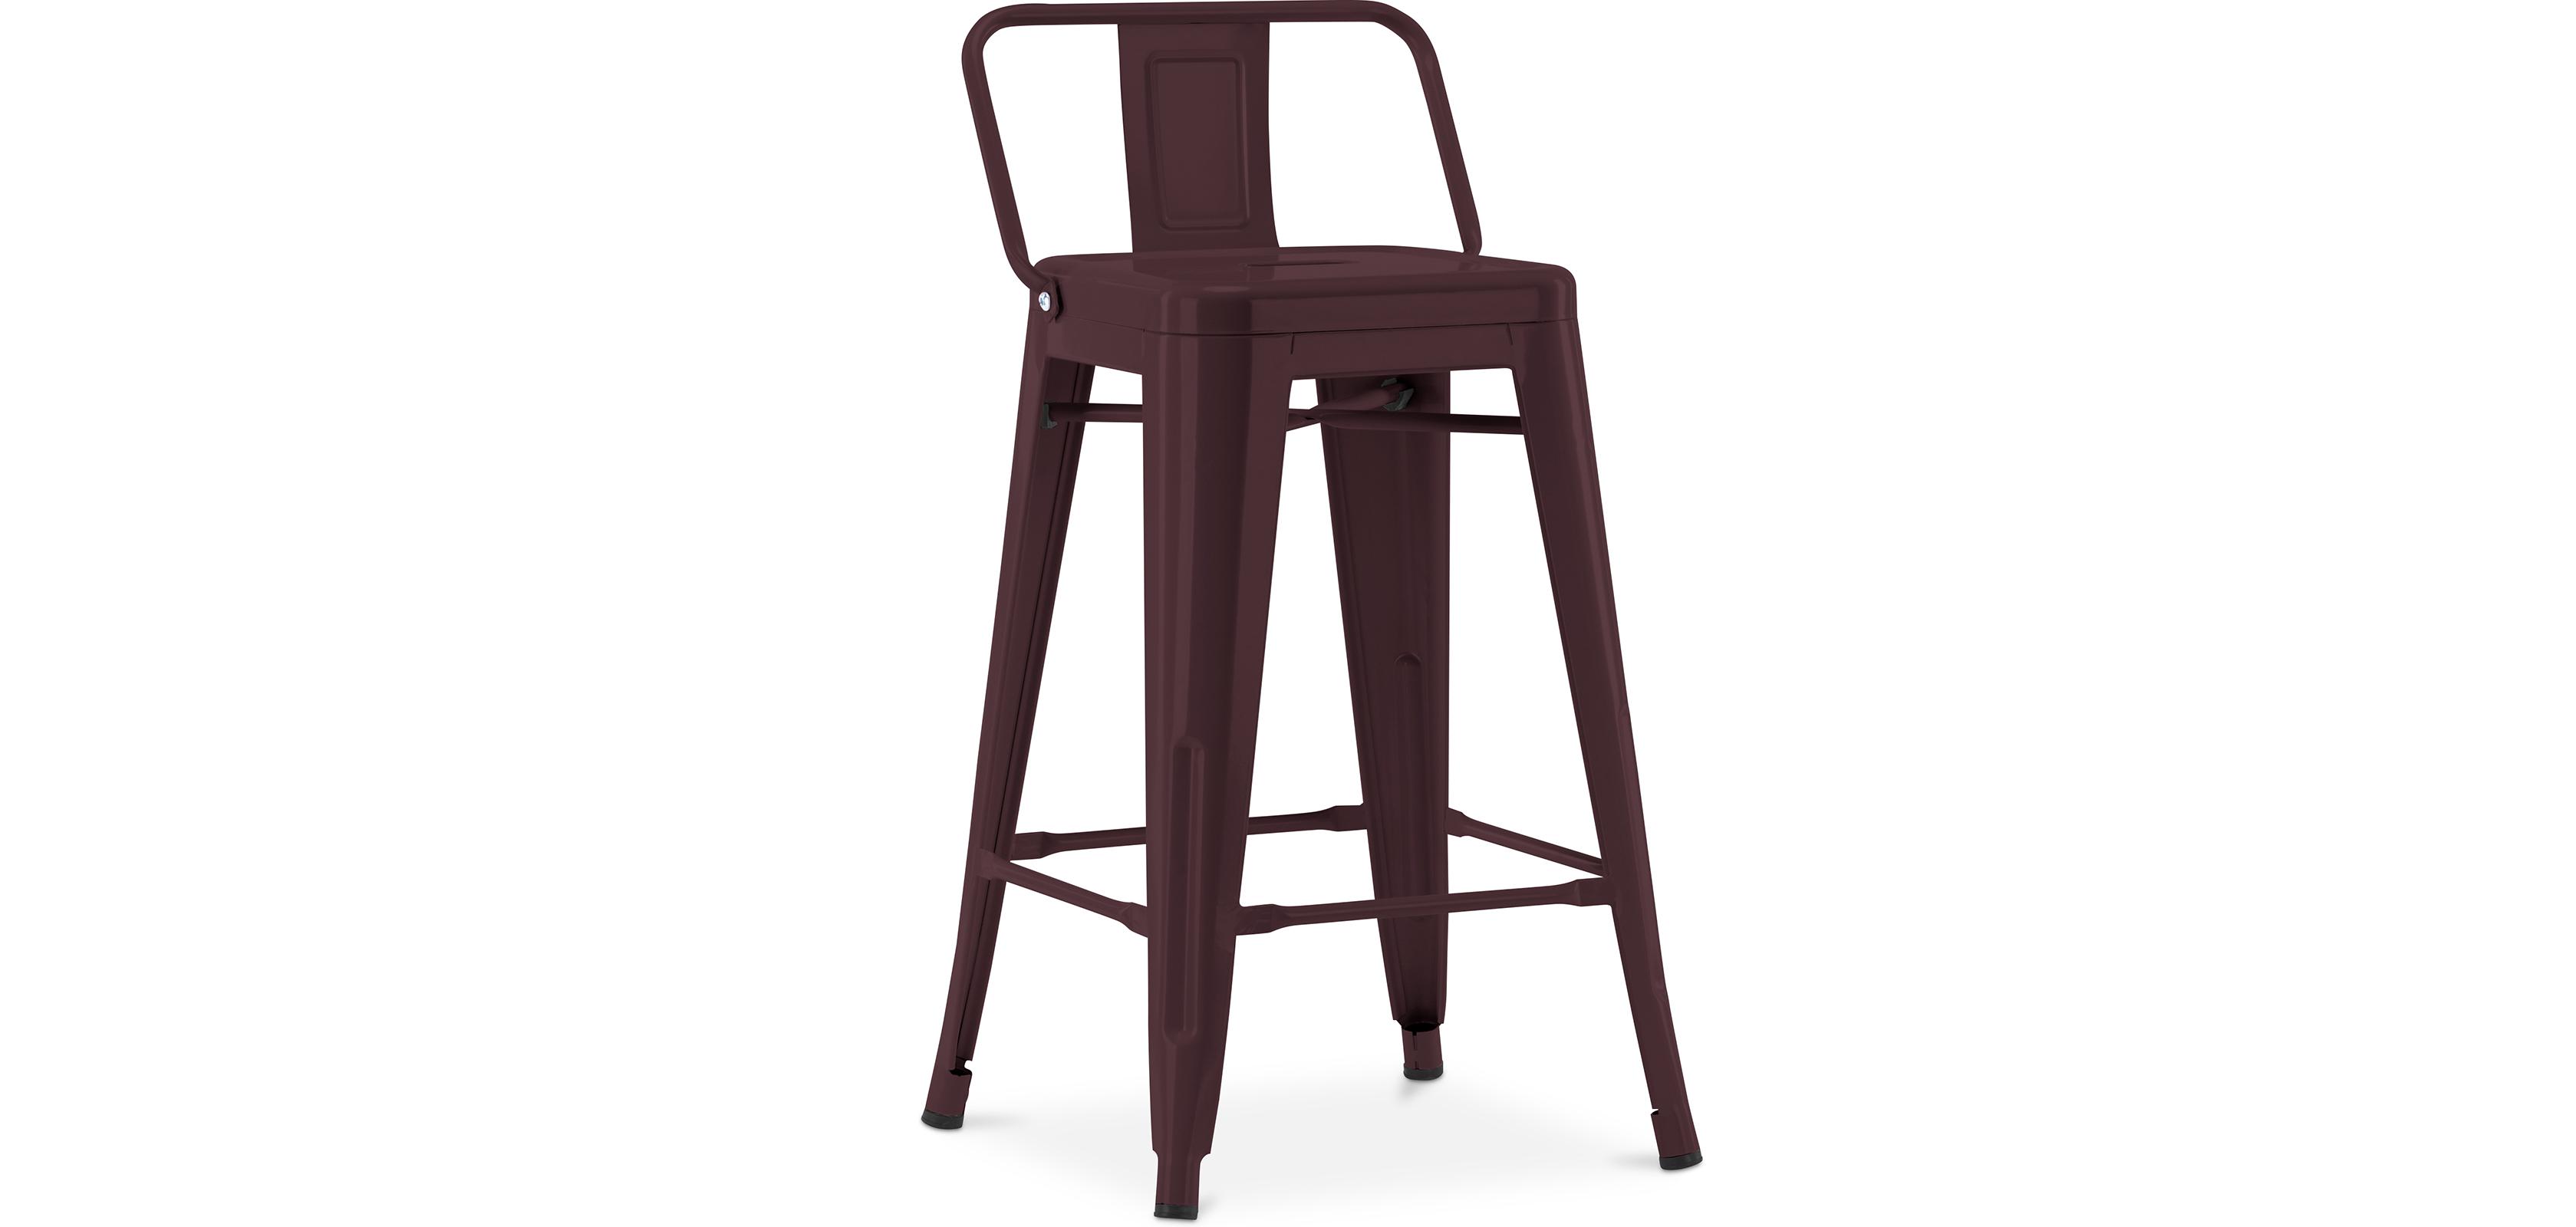 tabouret tolix avec petit dossier xavier pauchard style 60cm. Black Bedroom Furniture Sets. Home Design Ideas